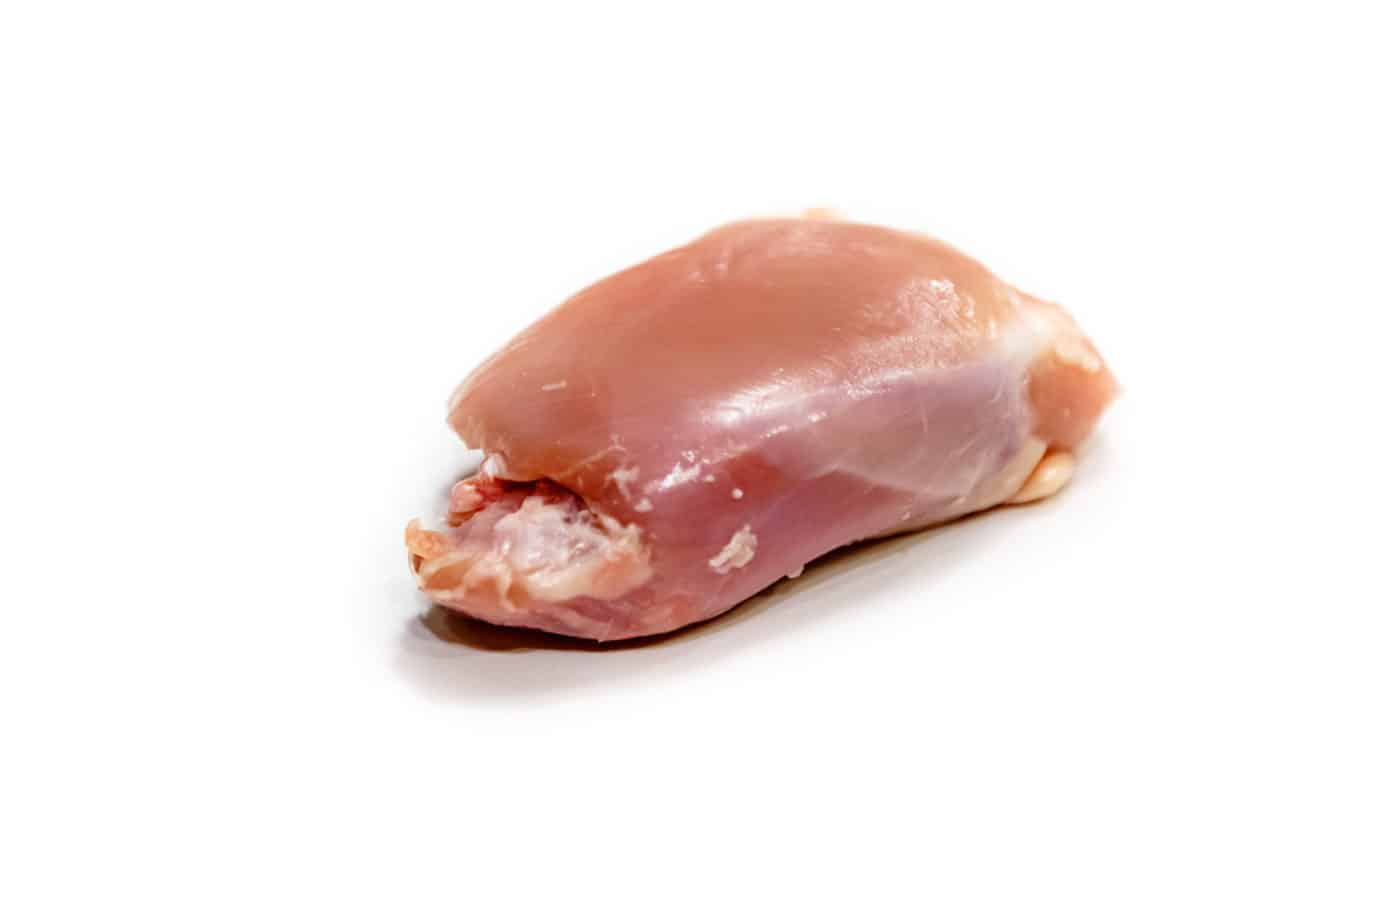 Hähnchenkeulenfleisch ohne Haut